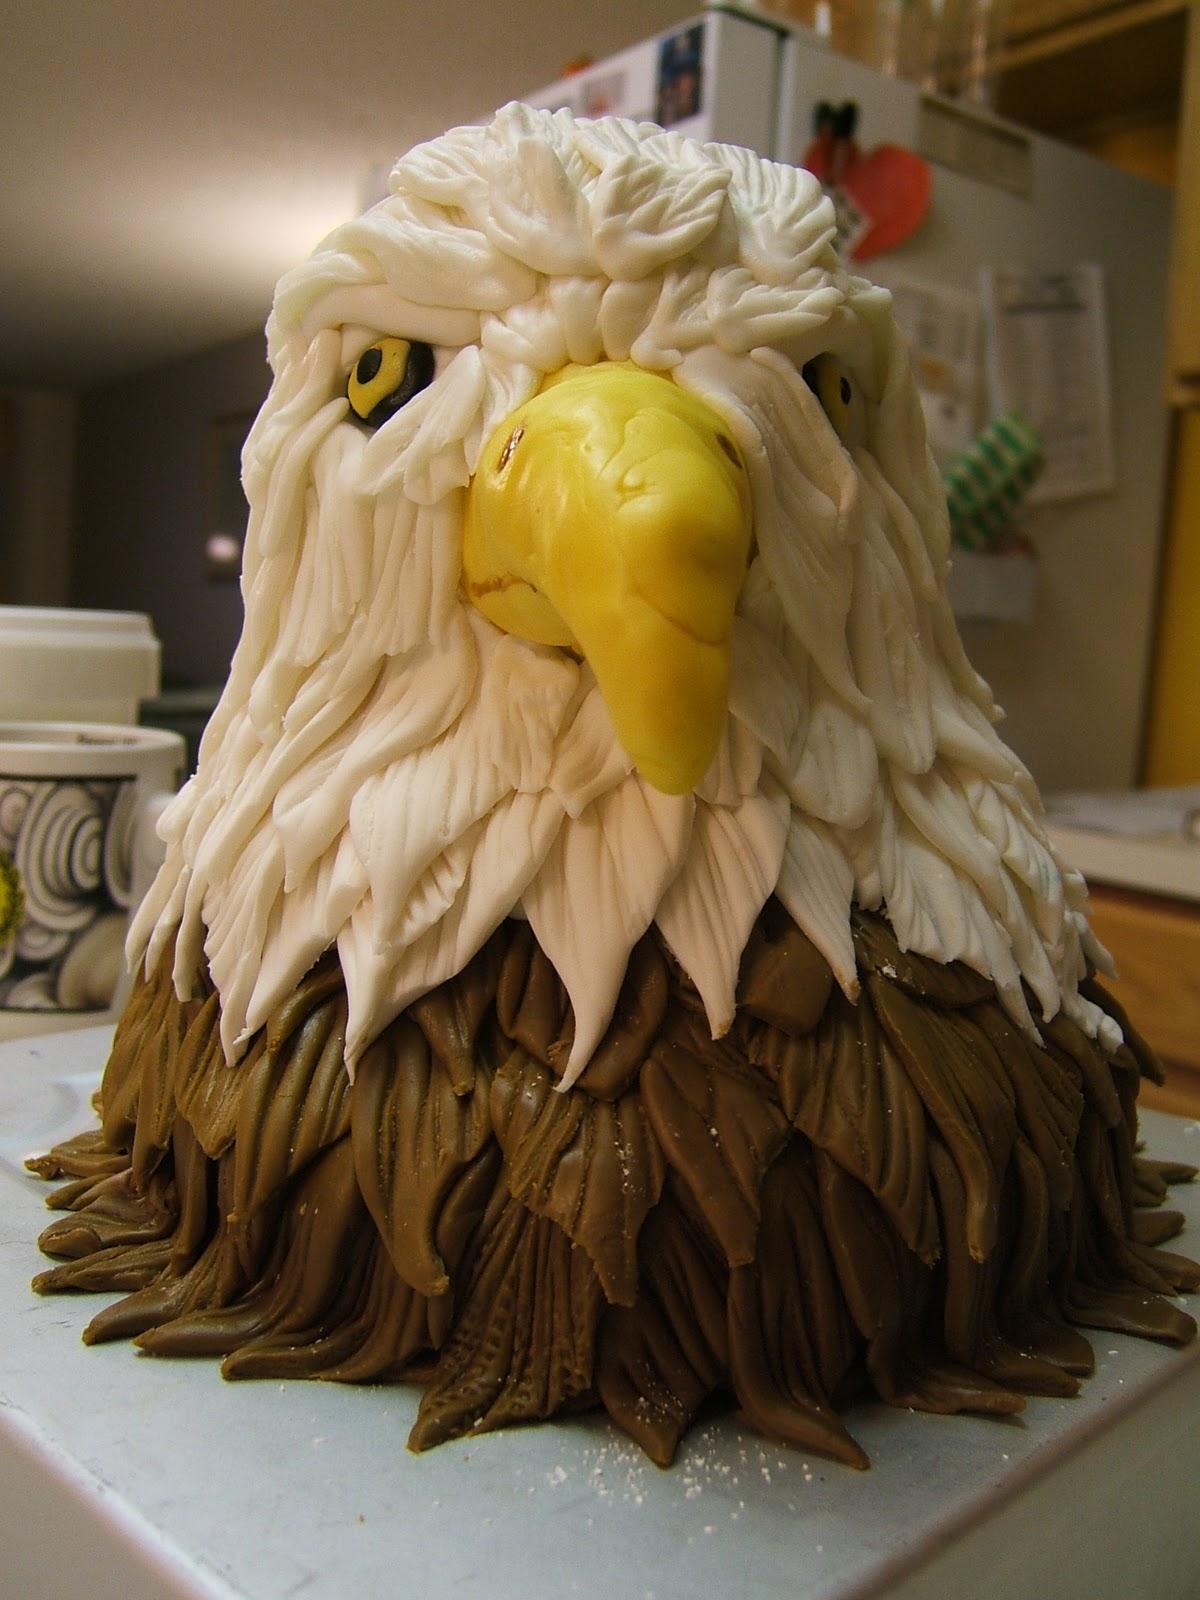 Kaaren S Kakes Eagle Cake Topper